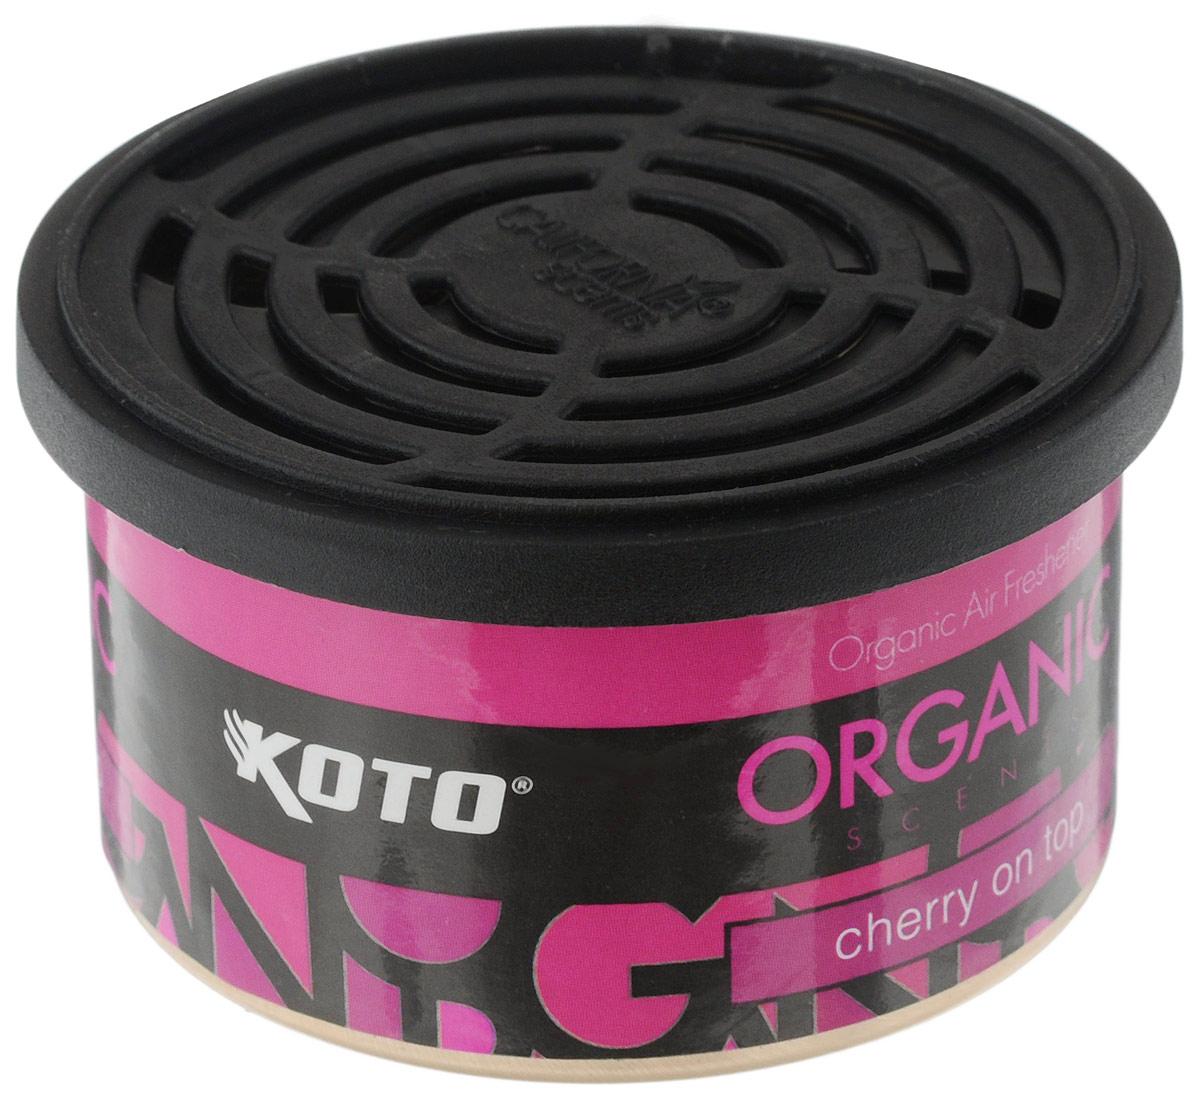 Ароматизатор автомобильный Koto Organic, вишняFPO-108Автомобильный ароматизатор Koto Organic эффективно устраняет неприятные запахи и придает приятный аромат вишни.Внутри - органический наполнитель, который не растекается и не вредит окружающей среде. Ароматизатор имеет удобную крышку-регулятор, так что интенсивность аромата вы сможете настроить сами. Стойкий аромат держится около 60 дней. Ароматизатор может быть расположен как на приборной панели, так и под сиденьем автомобиля.Товар сертифицирован.